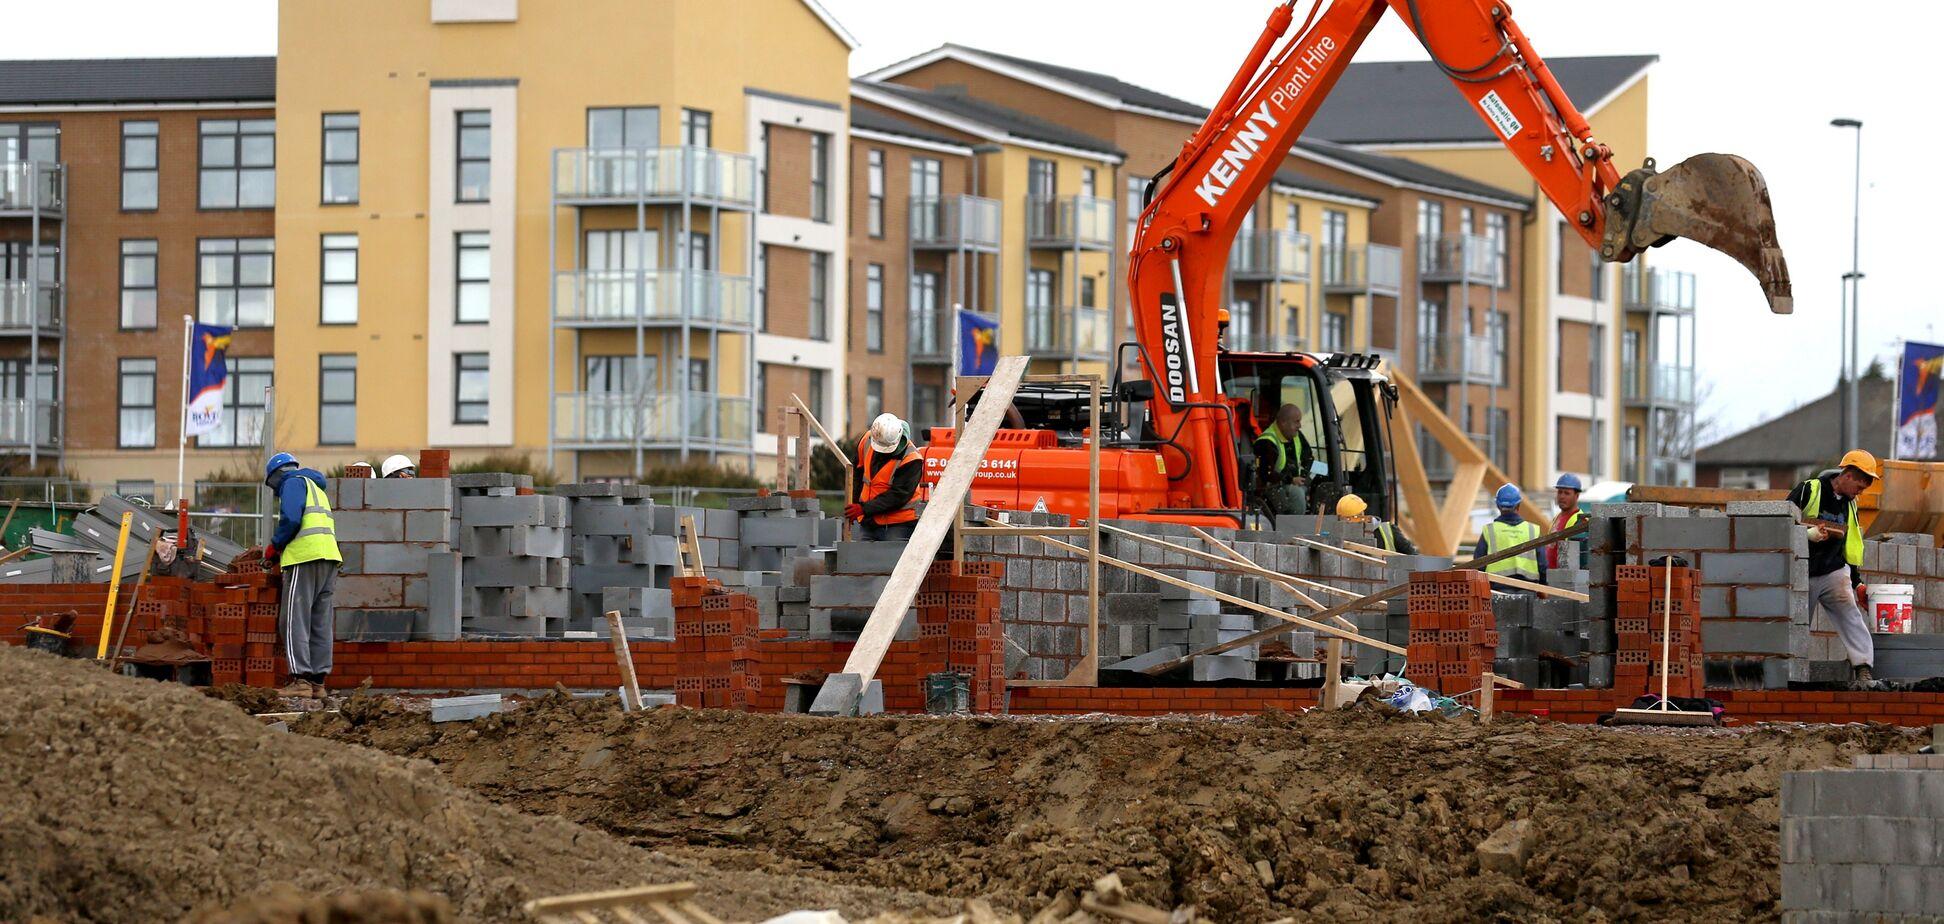 Як купити квартиру в новобудові: українцям дали головні поради